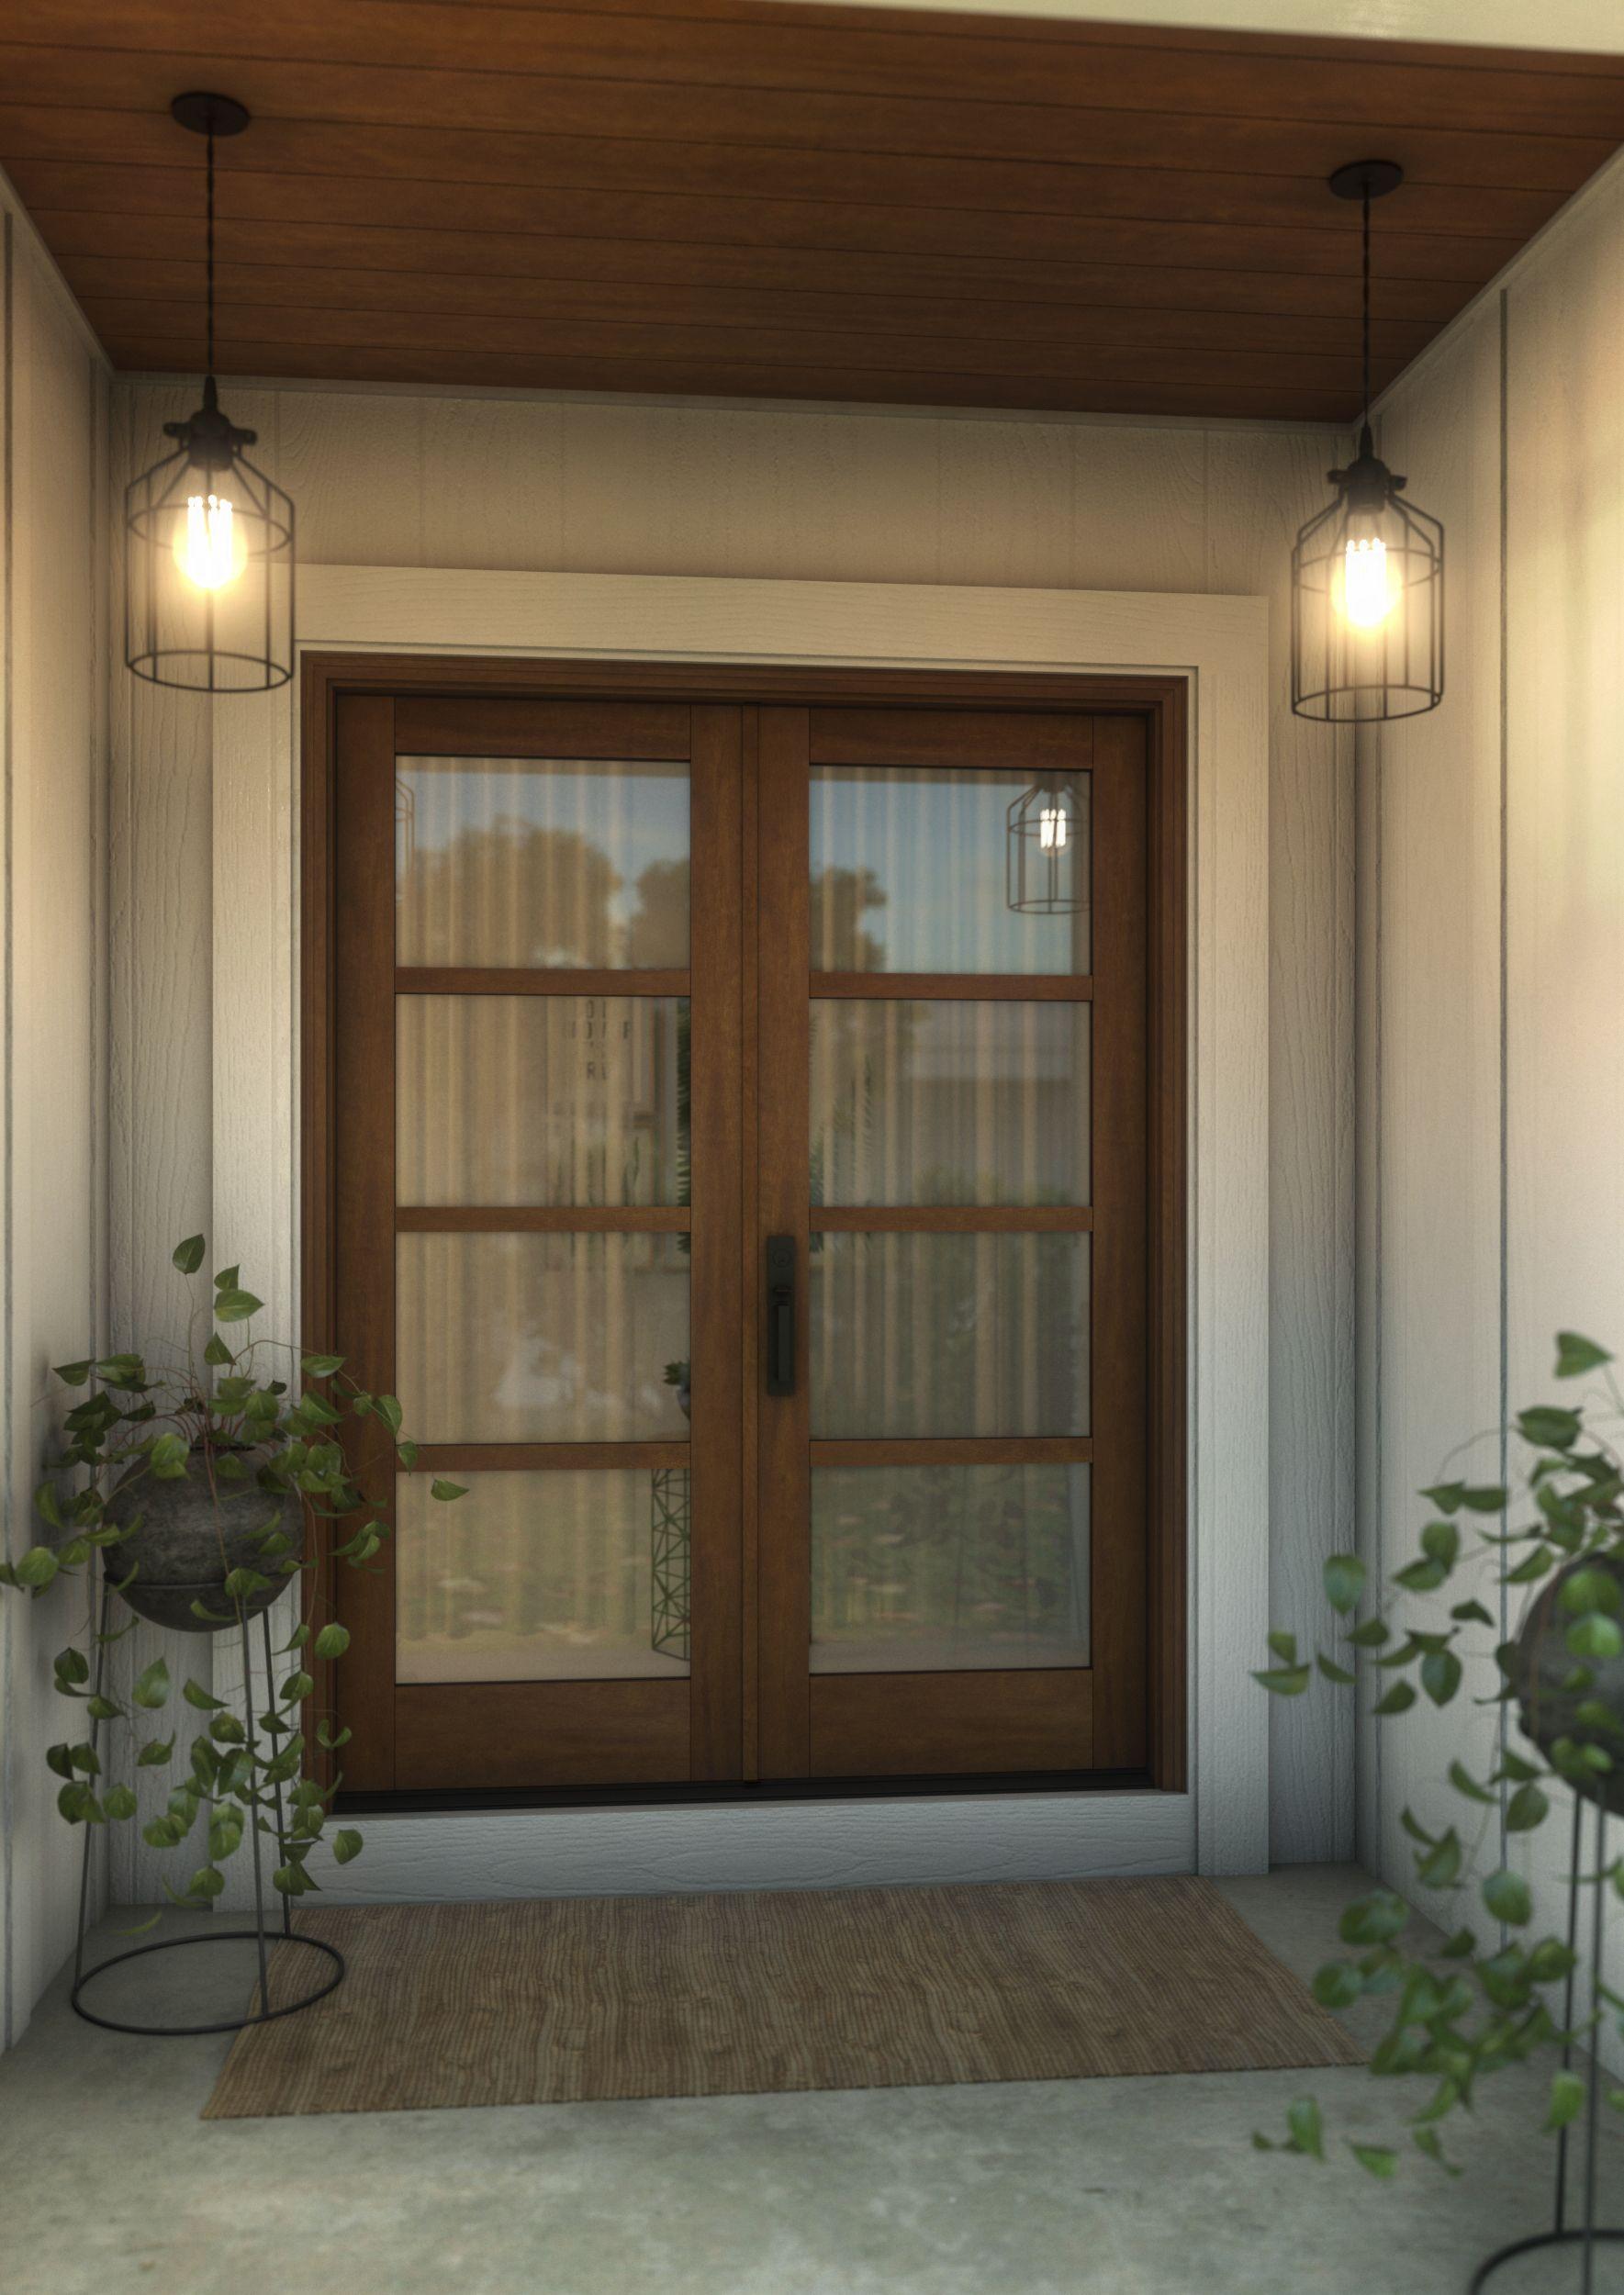 4 Lite Tdl Mahogany Exterior Or Interior Double Door In 2020 Double Doors Interior Luxury Living Room Decor Door Design Wood